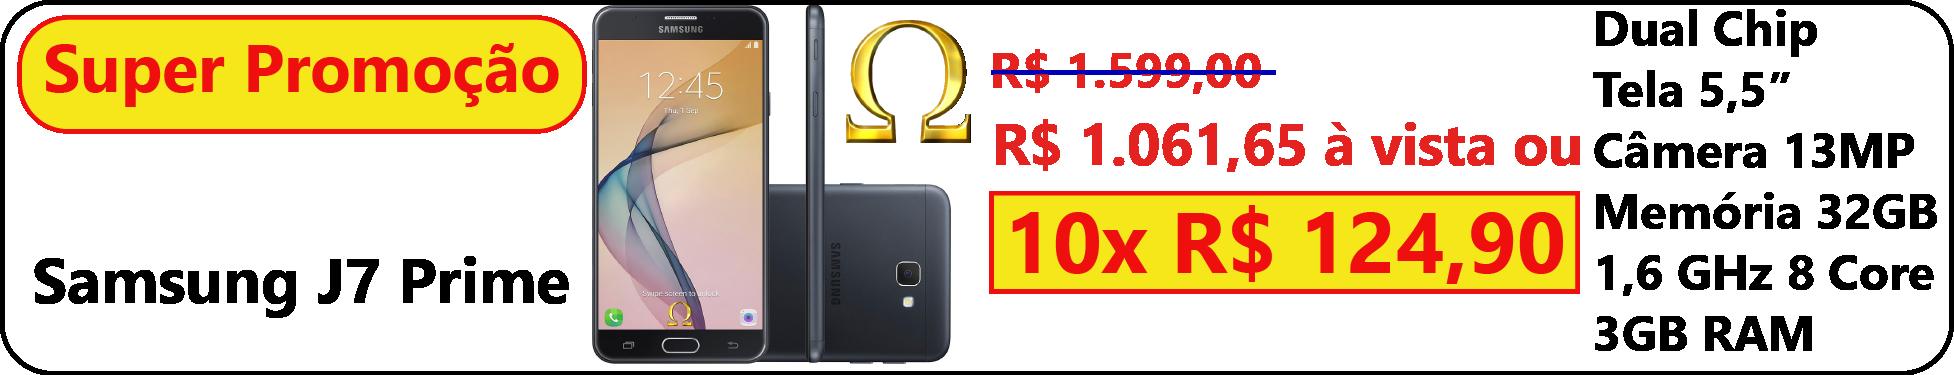 Banner Samsung J7 Prime 468x90px  - Metal Omega -